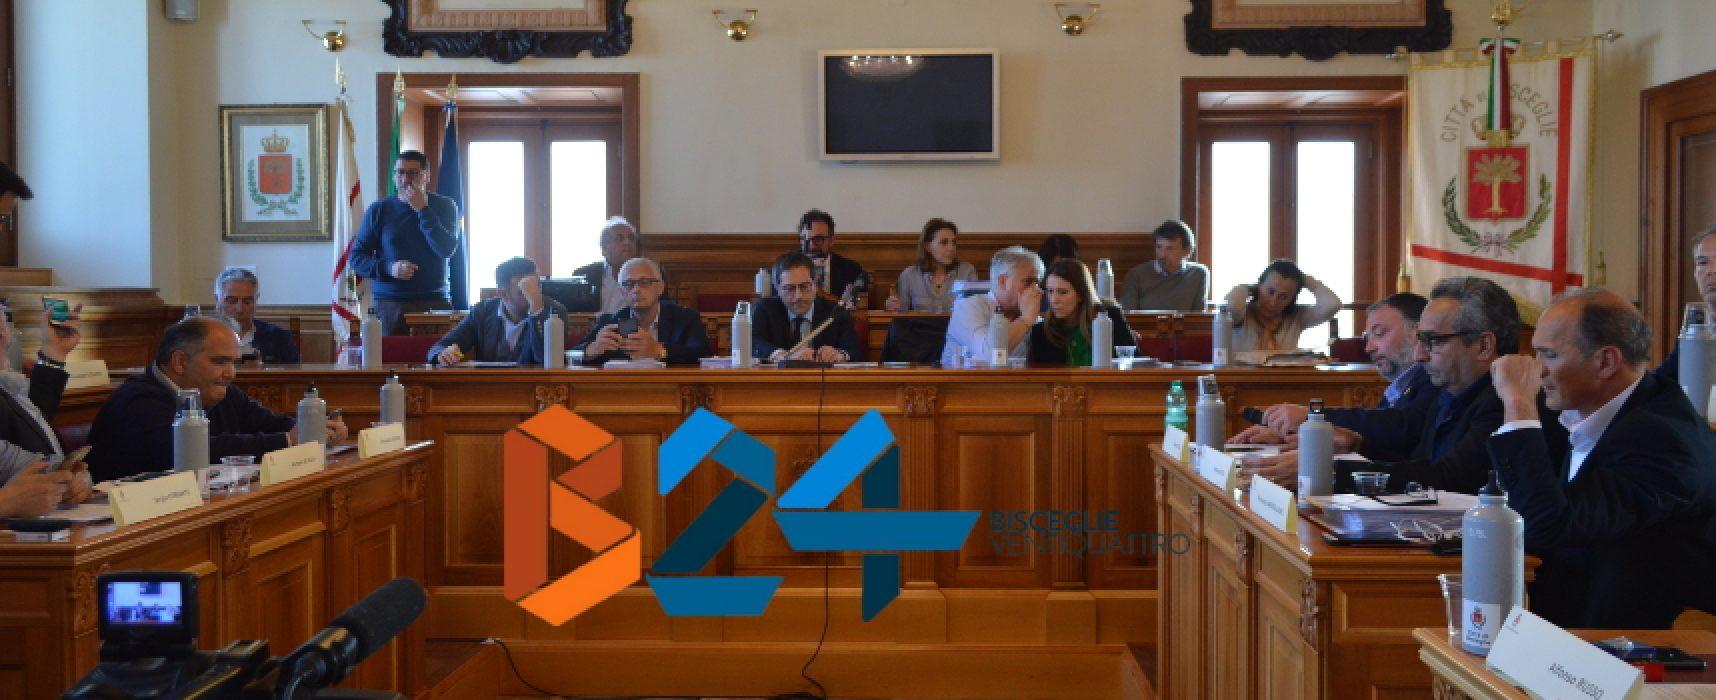 Consiglio comunale,  variazione di bilancio e piano occupazionale